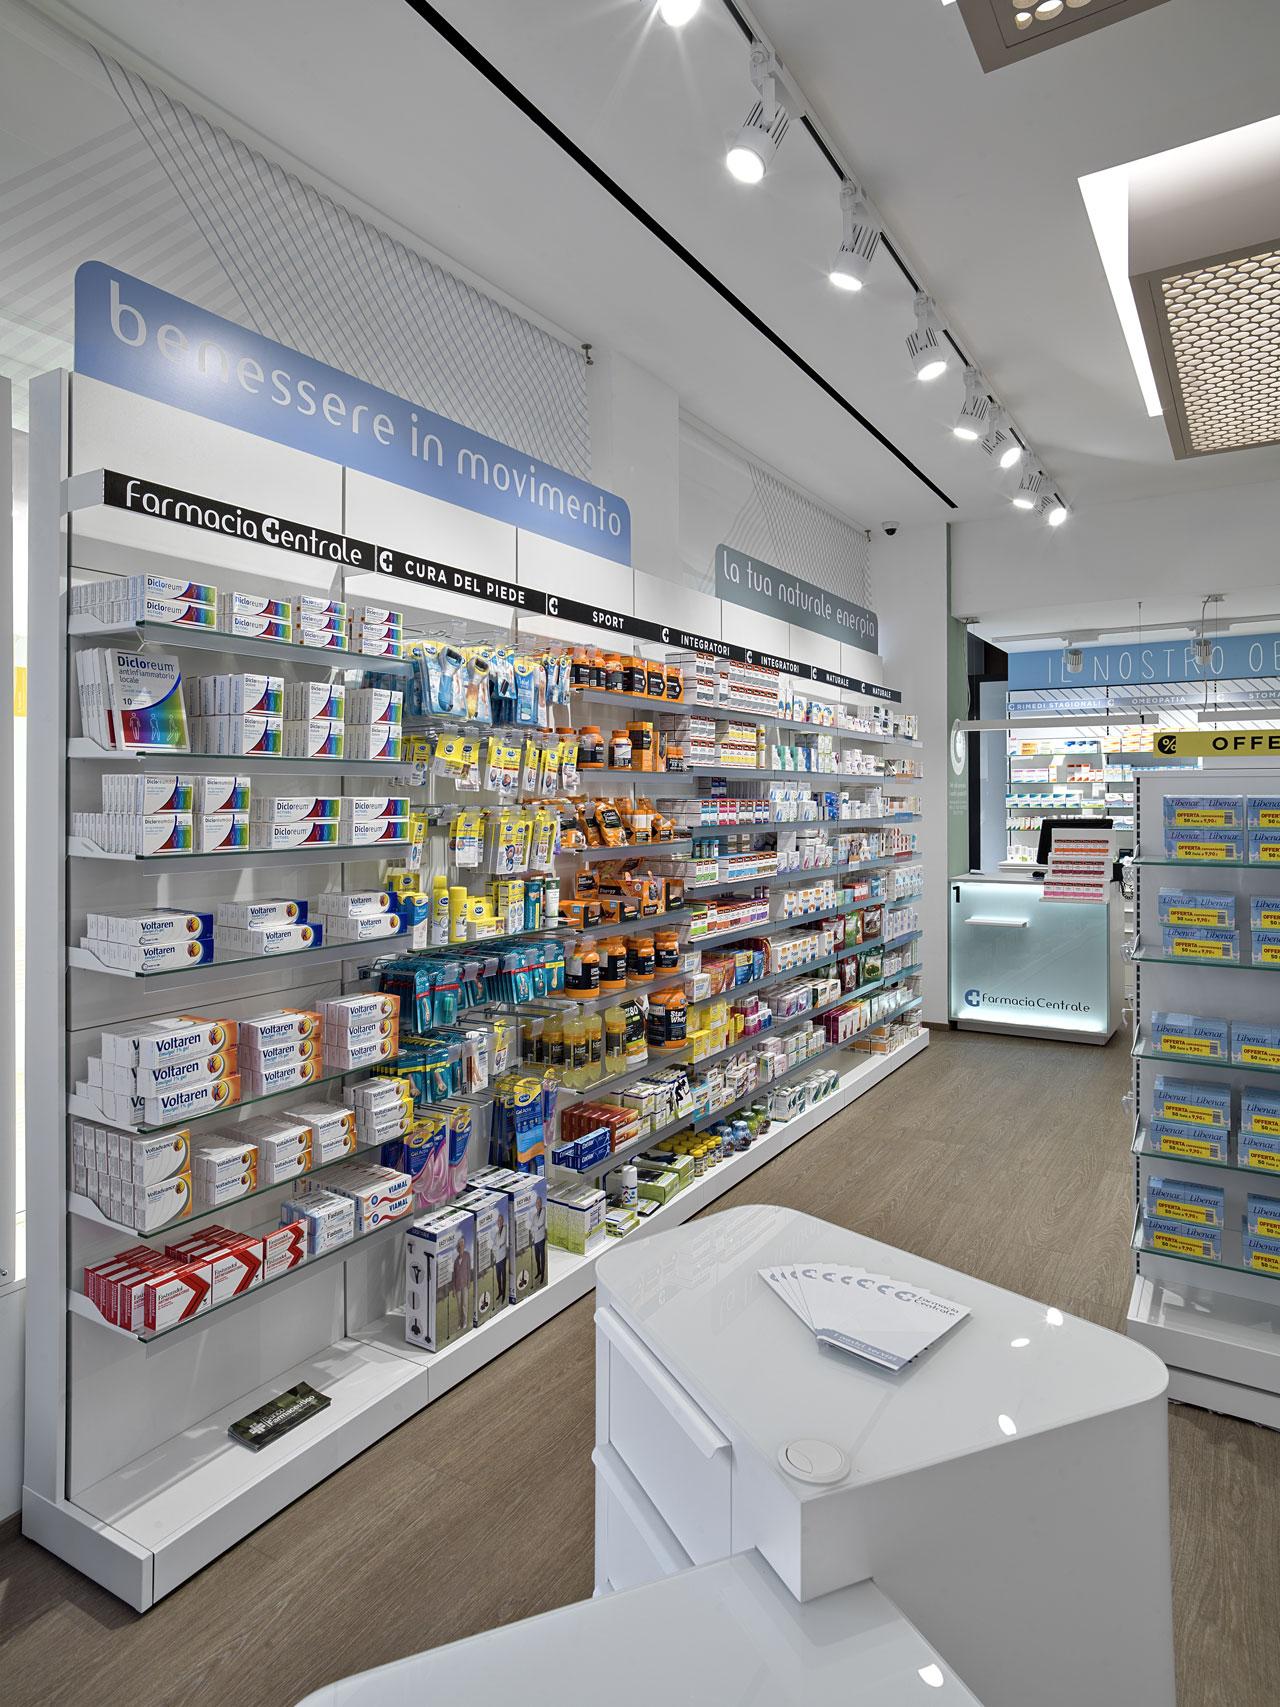 Particolare di alcuni scaffali all'interno della farmacia del Dr. Molgario nella frazione di Brugherio